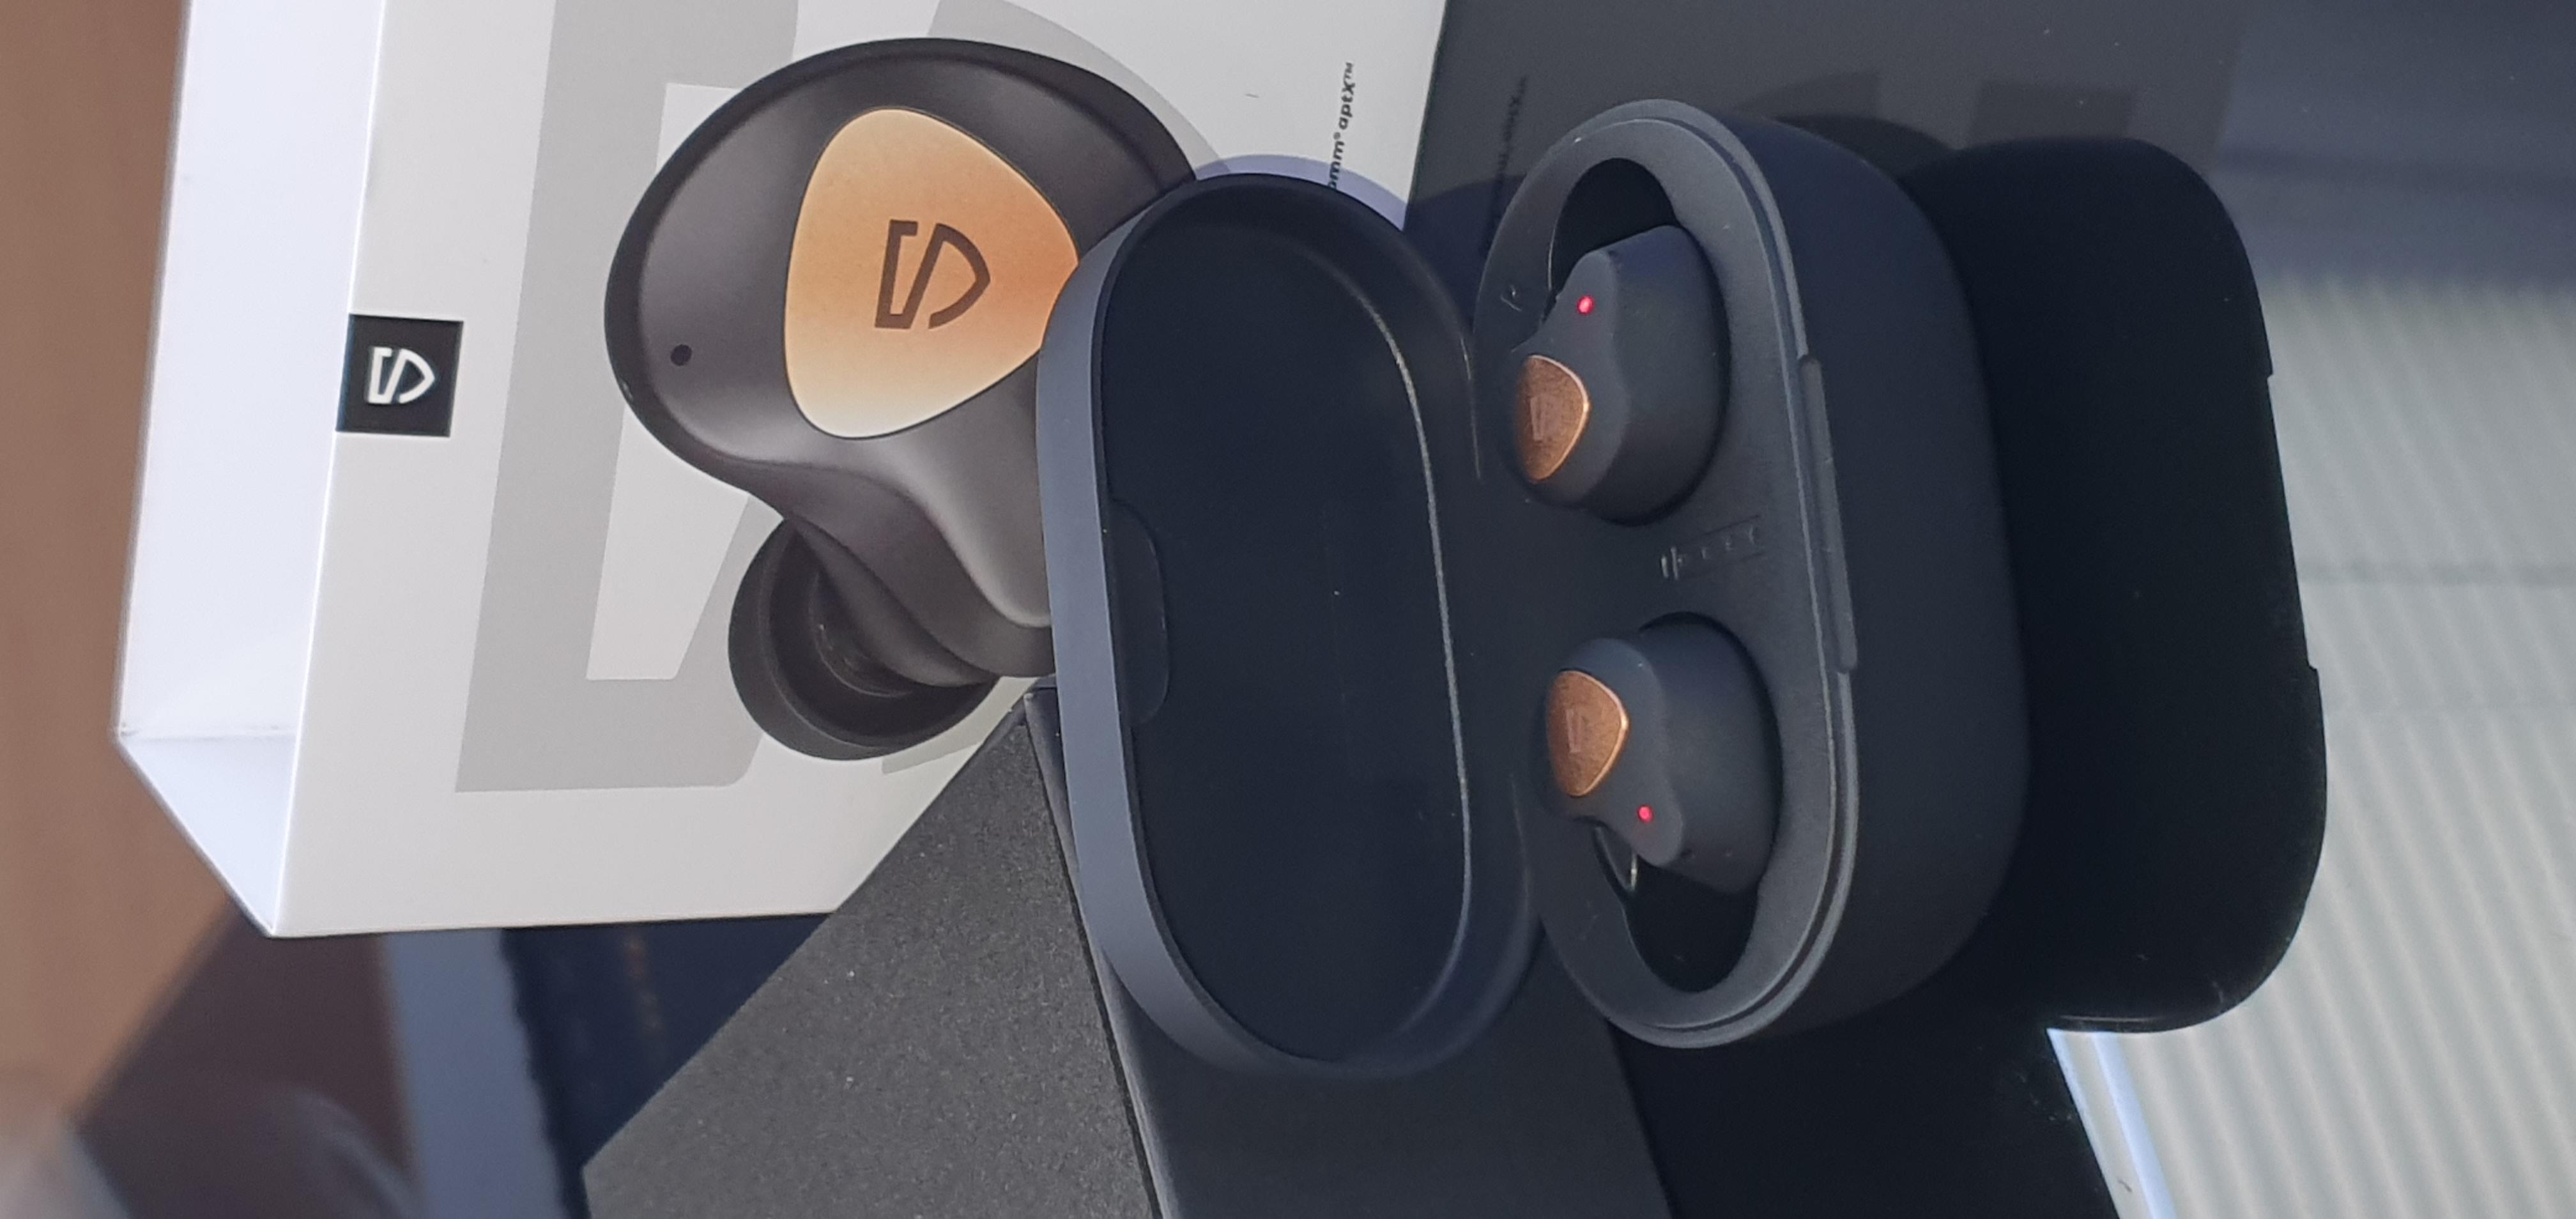 Ecouteurs Bluetooth de top